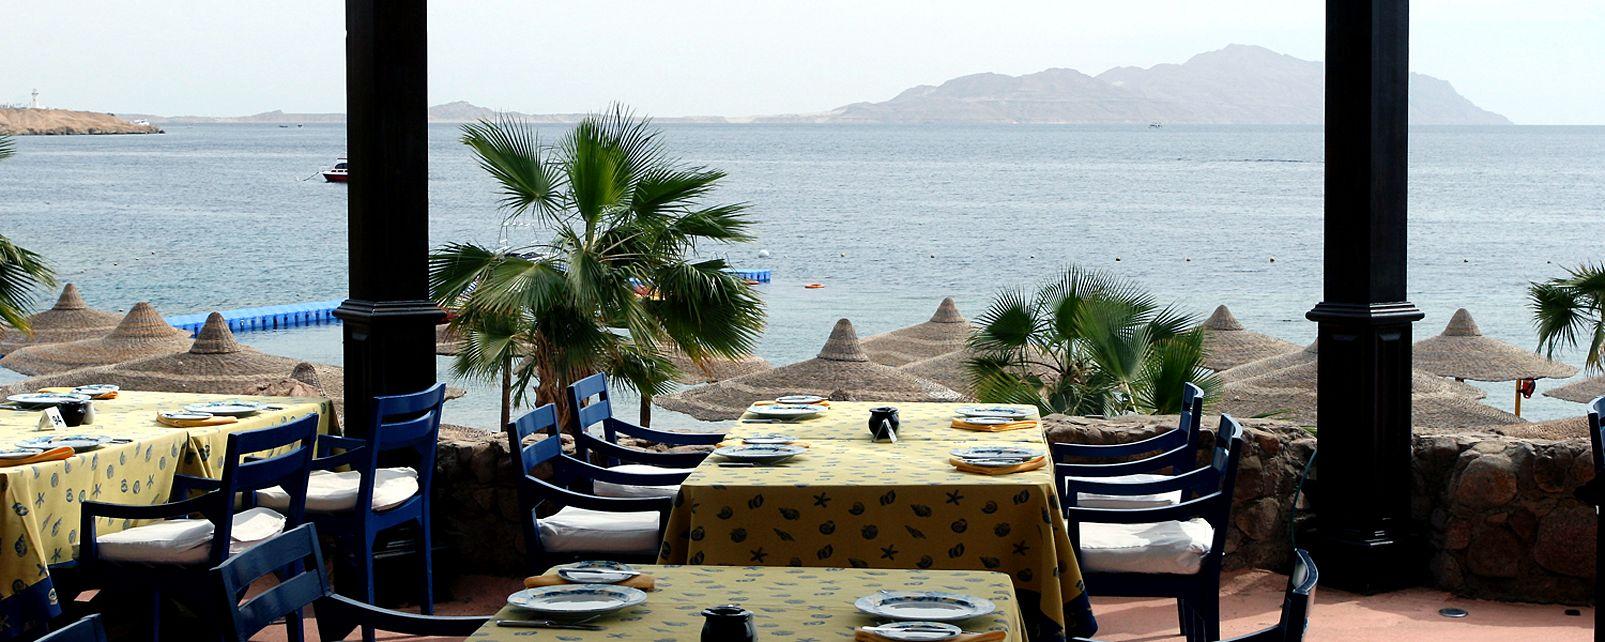 Hôtel Savoy Hotel Sharm El Sheikh